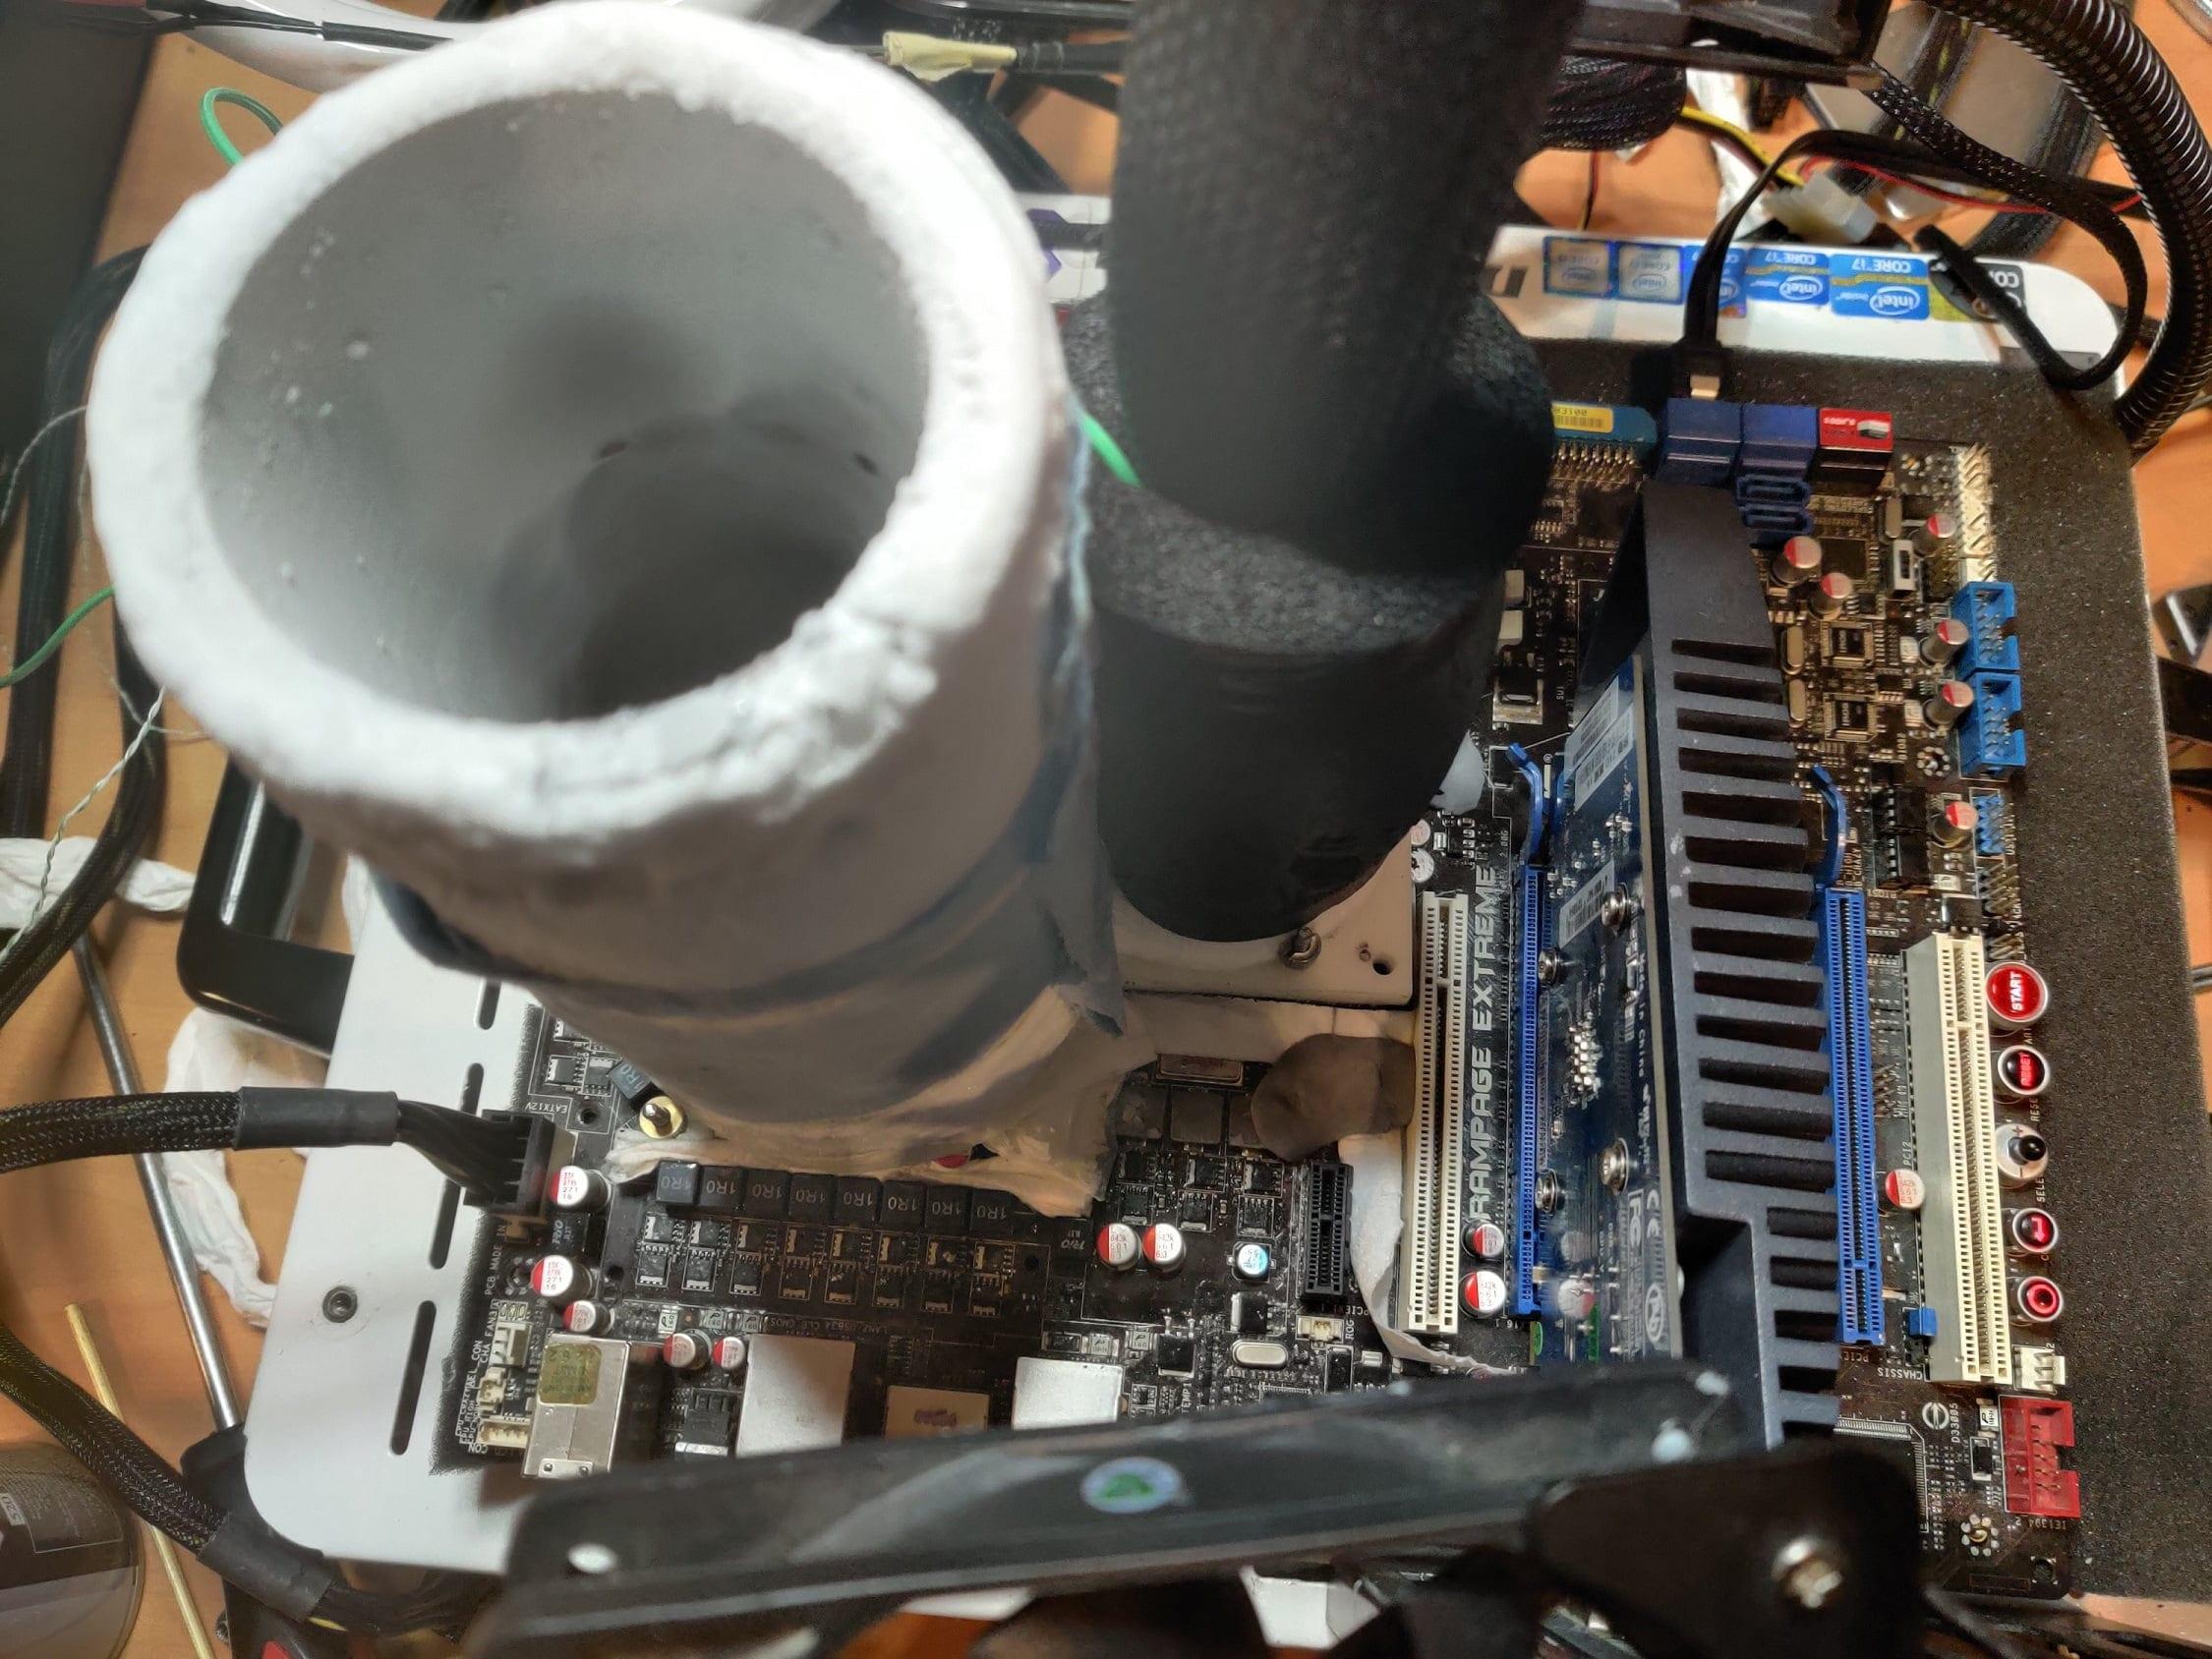 OGS установил два рекорда в модельном зачете процессора Core 2 Duo E8500